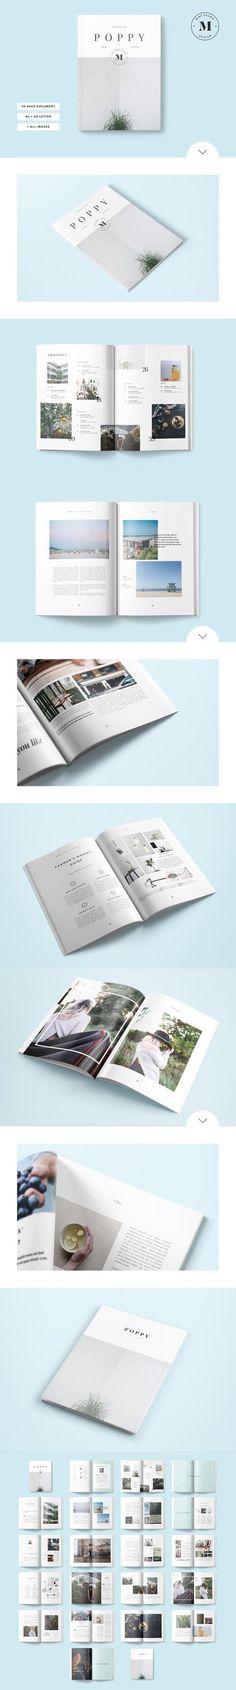 Poppy Magazine 571112